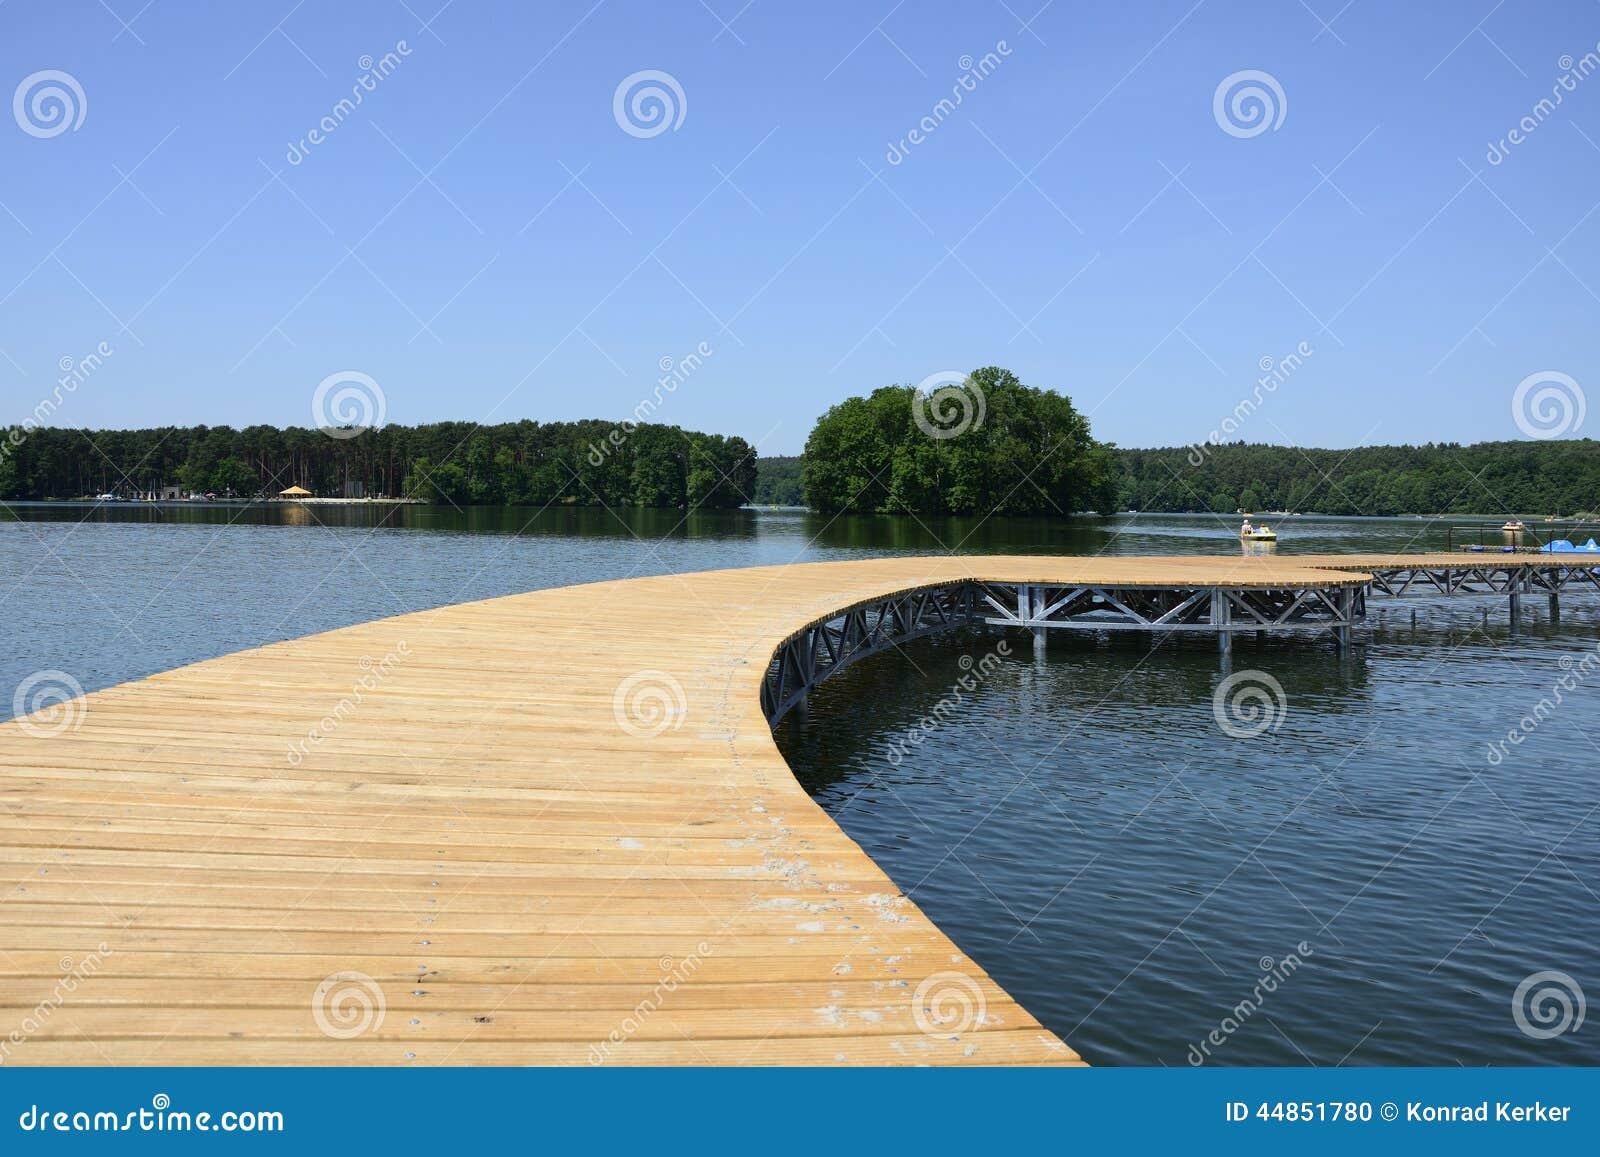 Lago, ciudad y alrededores - Lubniewice